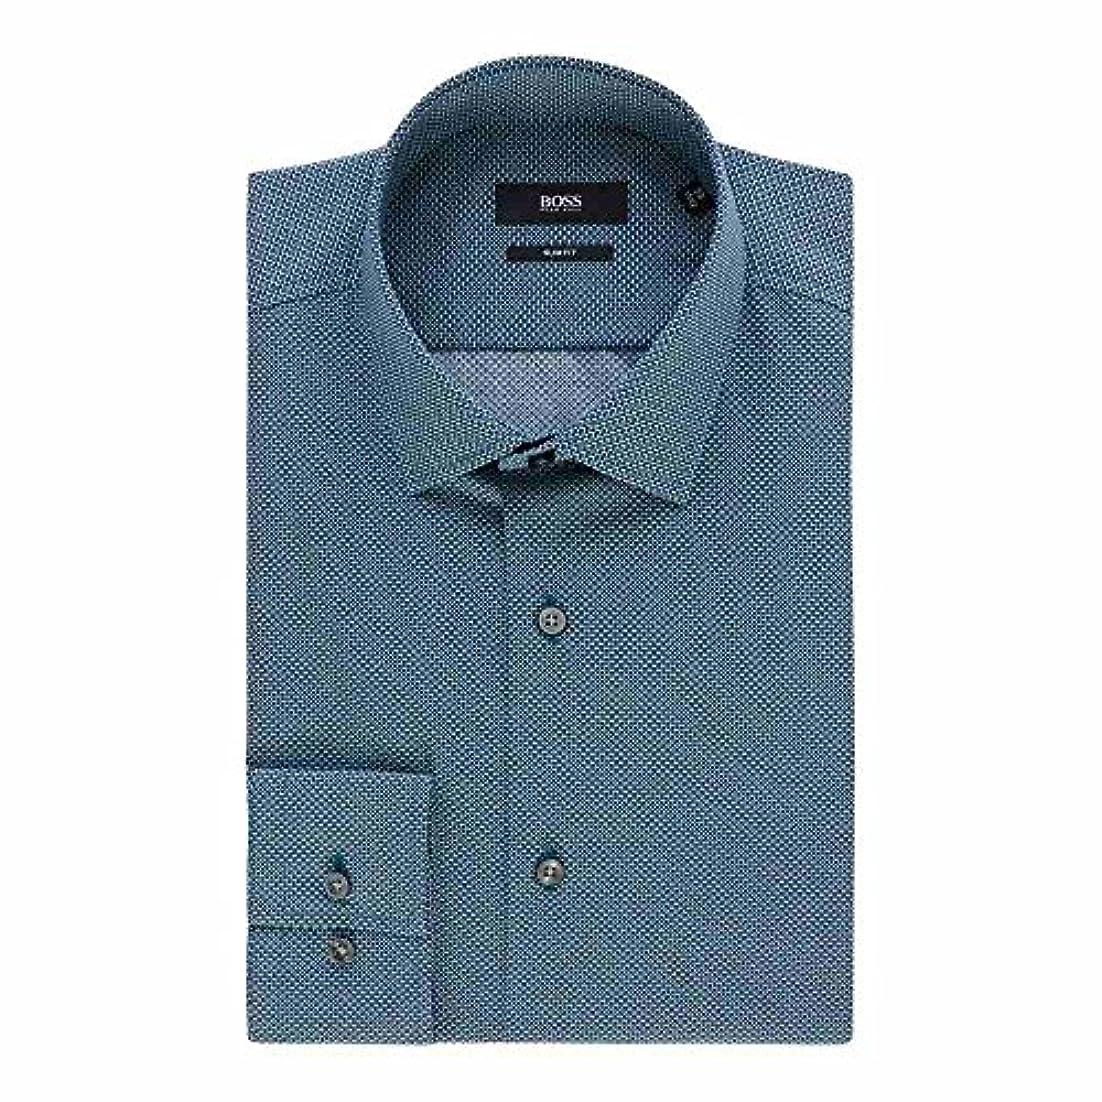 踏み台呼ぶリズミカルな(ヒューゴ ボス) Hugo Boss メンズ トップス シャツ Jenno Slim Micro Geo Print Shirt [並行輸入品]